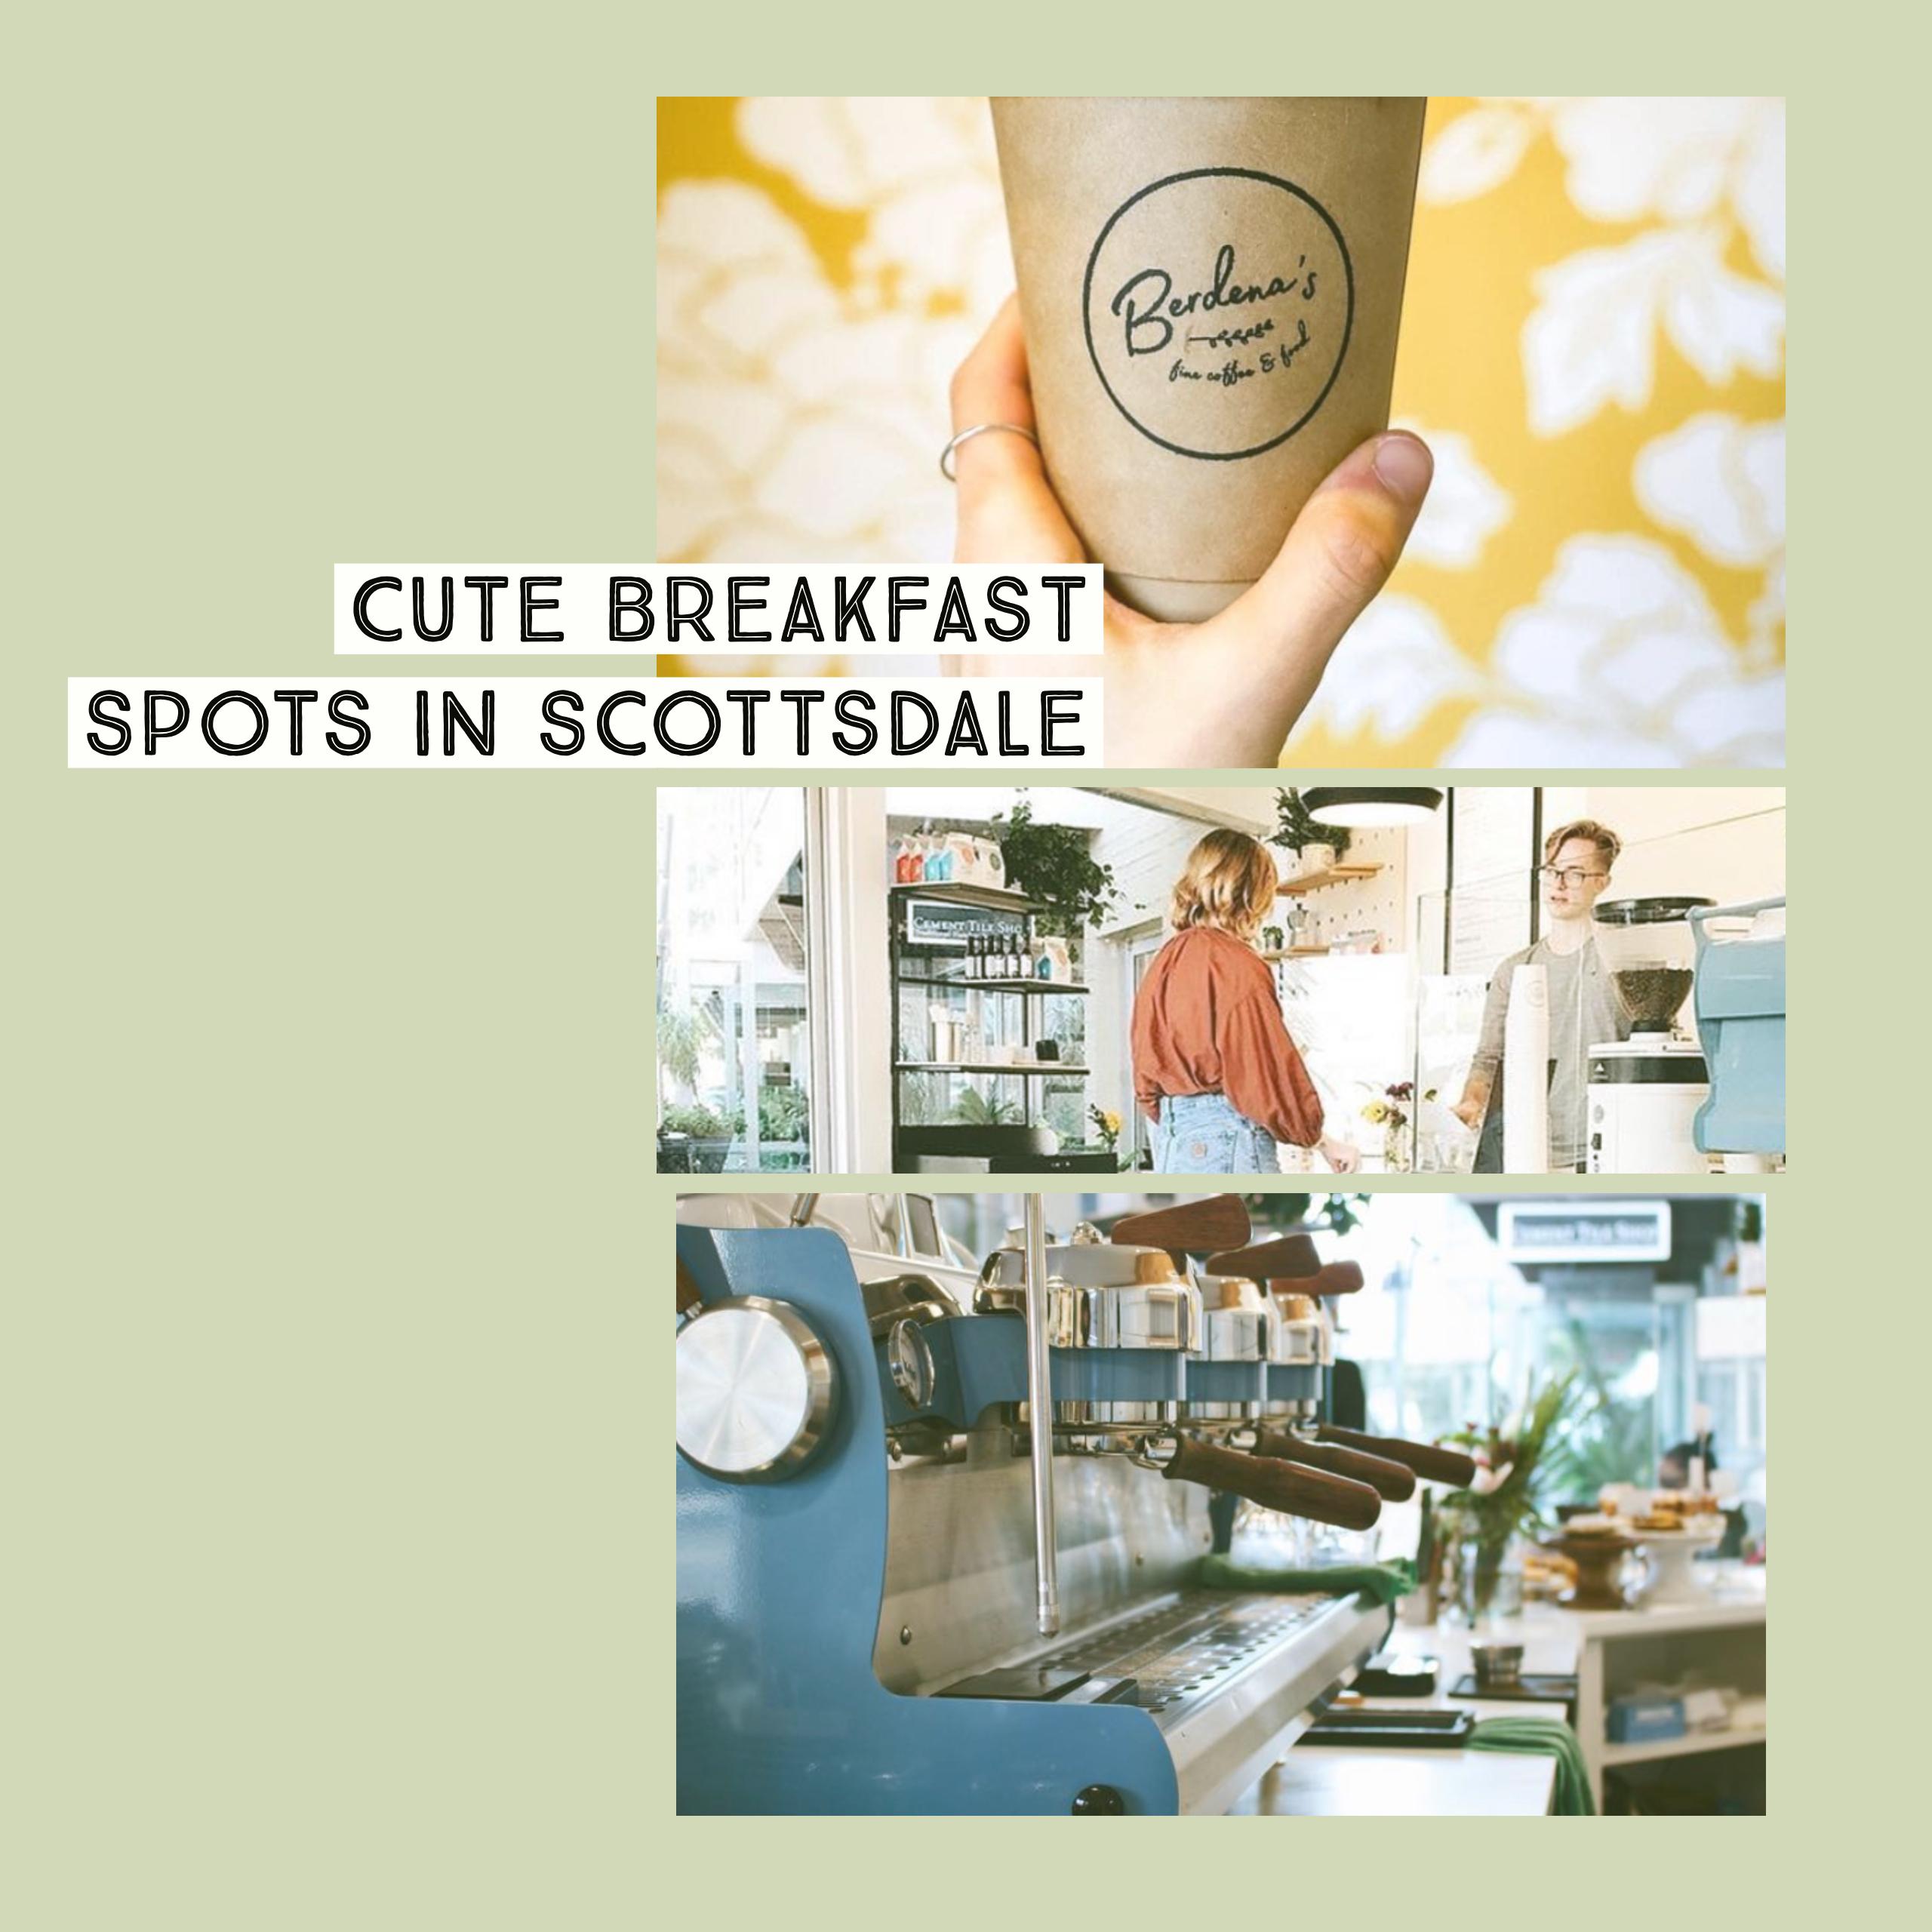 cute breakfast spots in scottsdale arizona for your bachelorette weekend